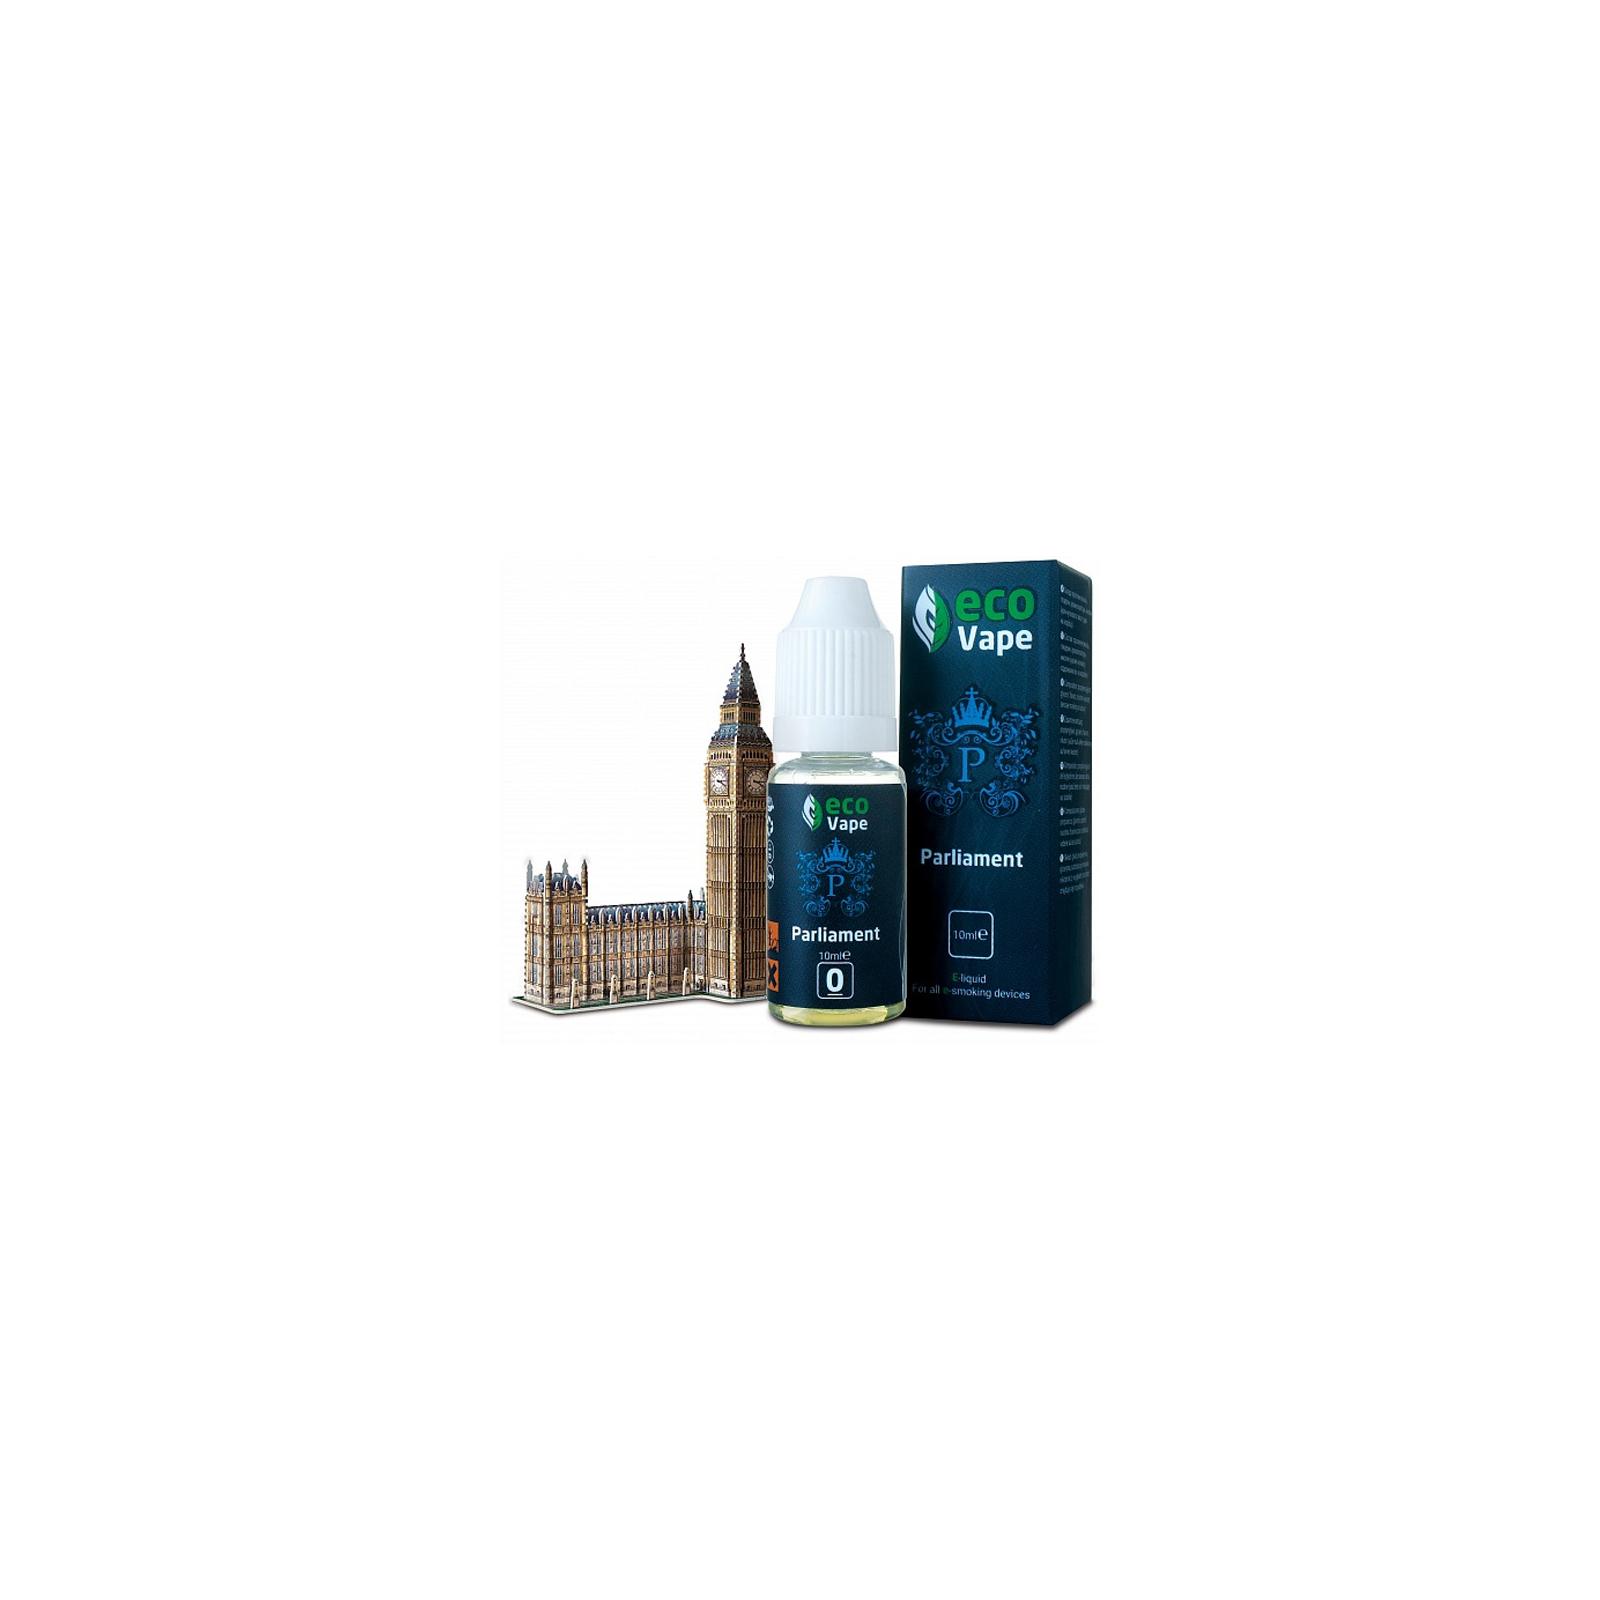 Жидкость для электронных сигарет ECO Vape Parliament 6 мг/мл (LEV-PT-6)